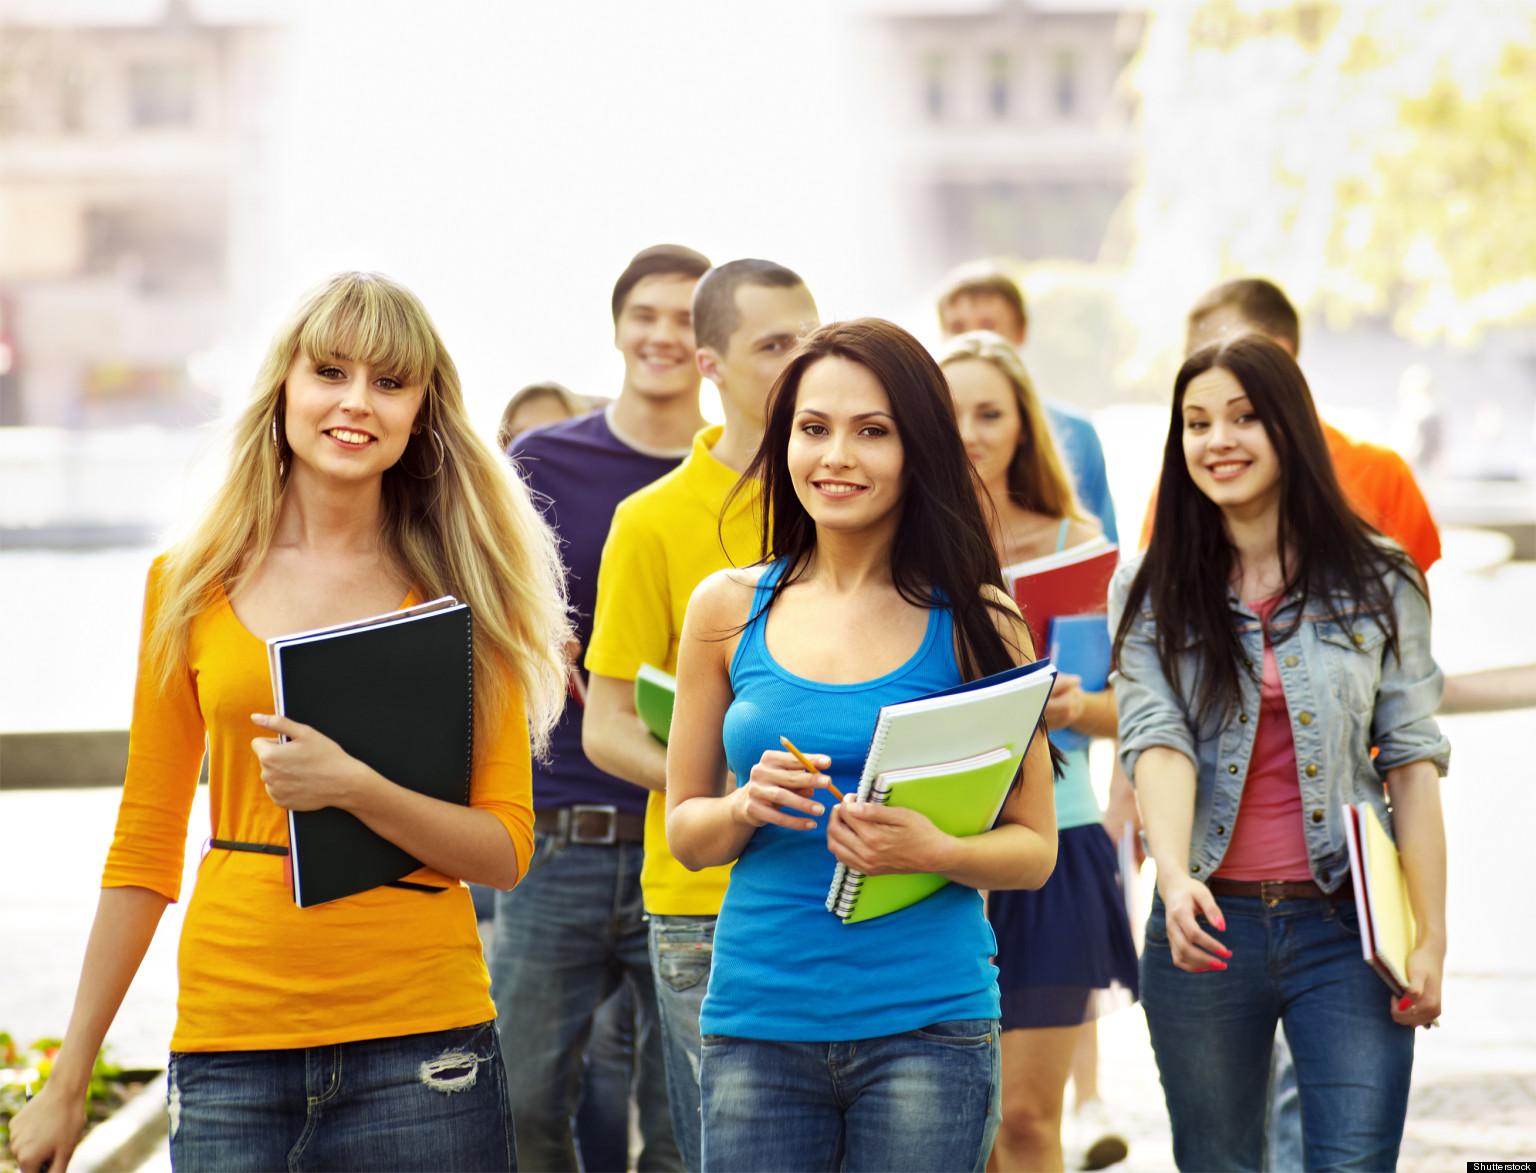 Положительное для студентов: теперь можно легко найти работу. Узнайте, почему